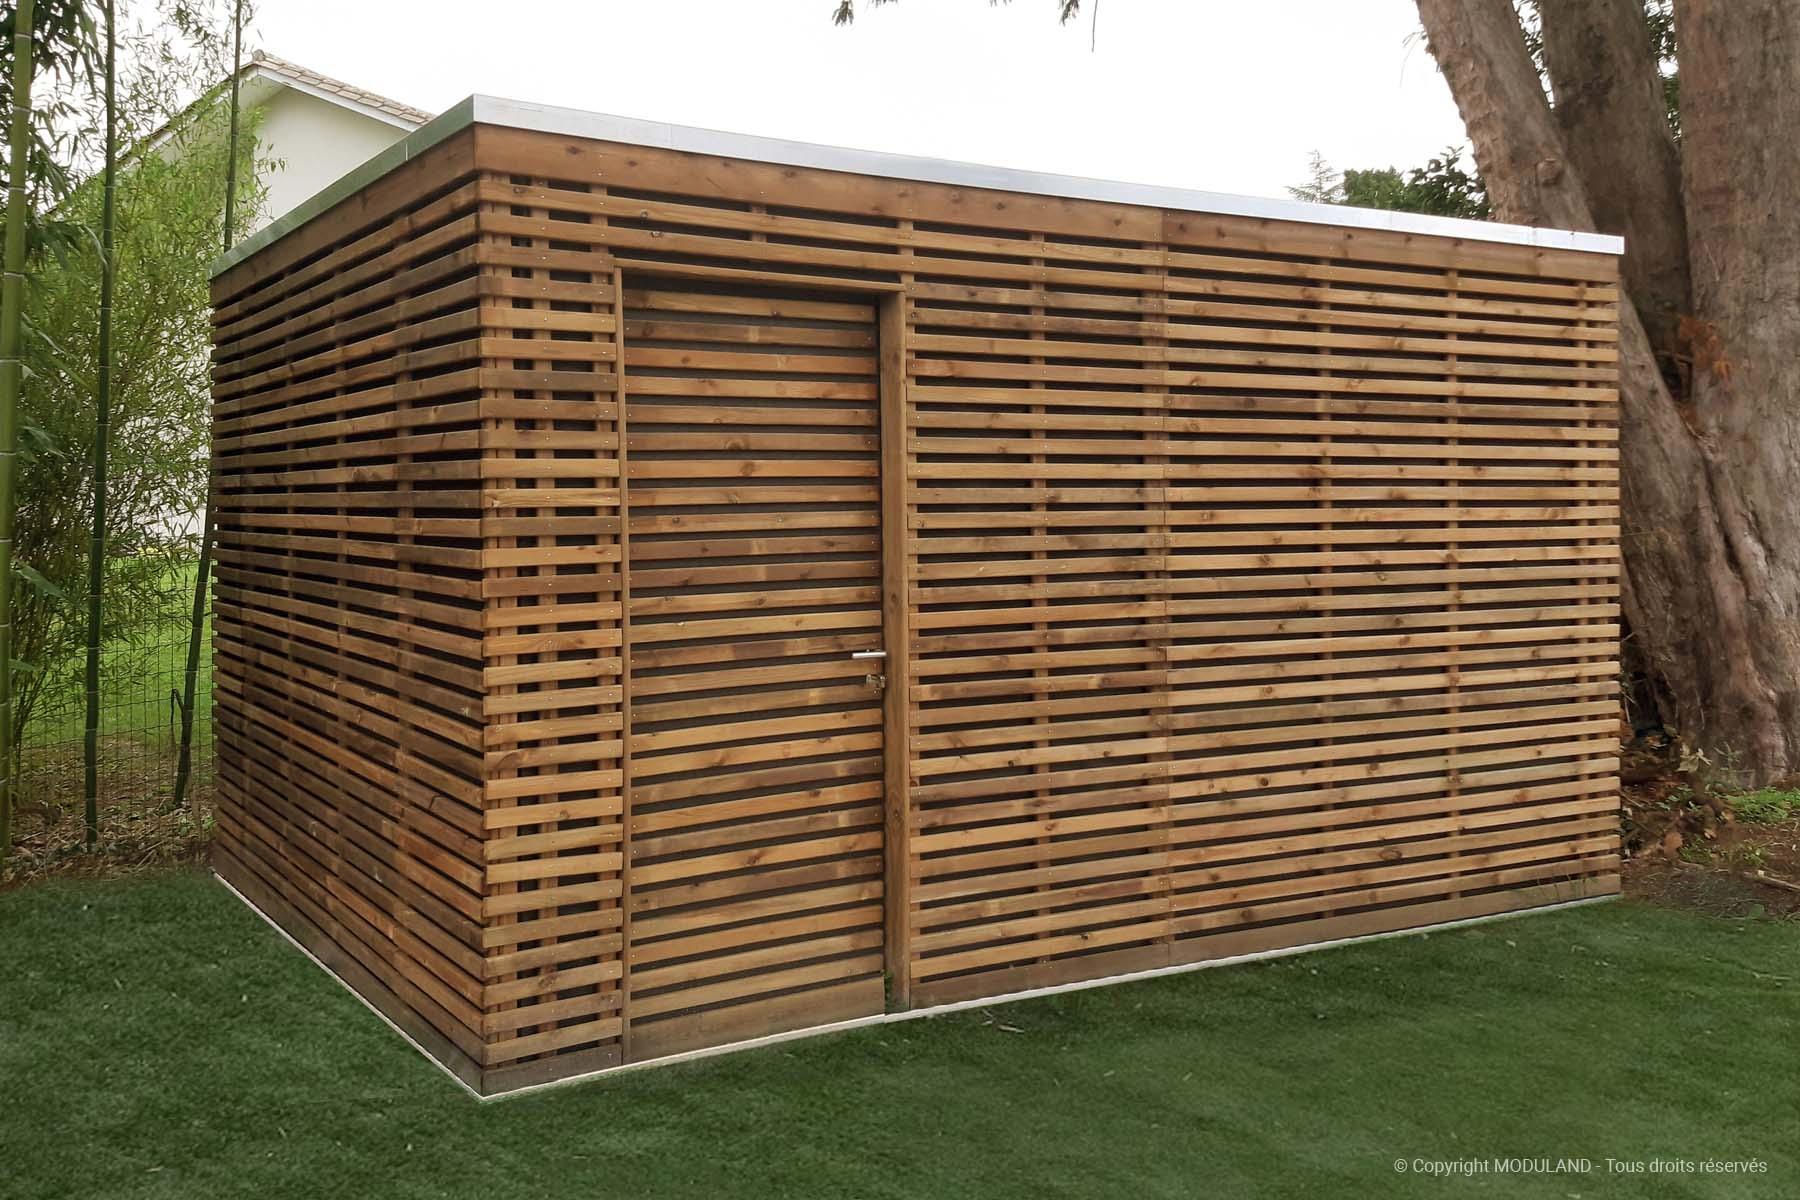 Fabricant D'abris Et Structures Bois Sur Mesure | Moduland à Maison De Jardin Sur Mesure